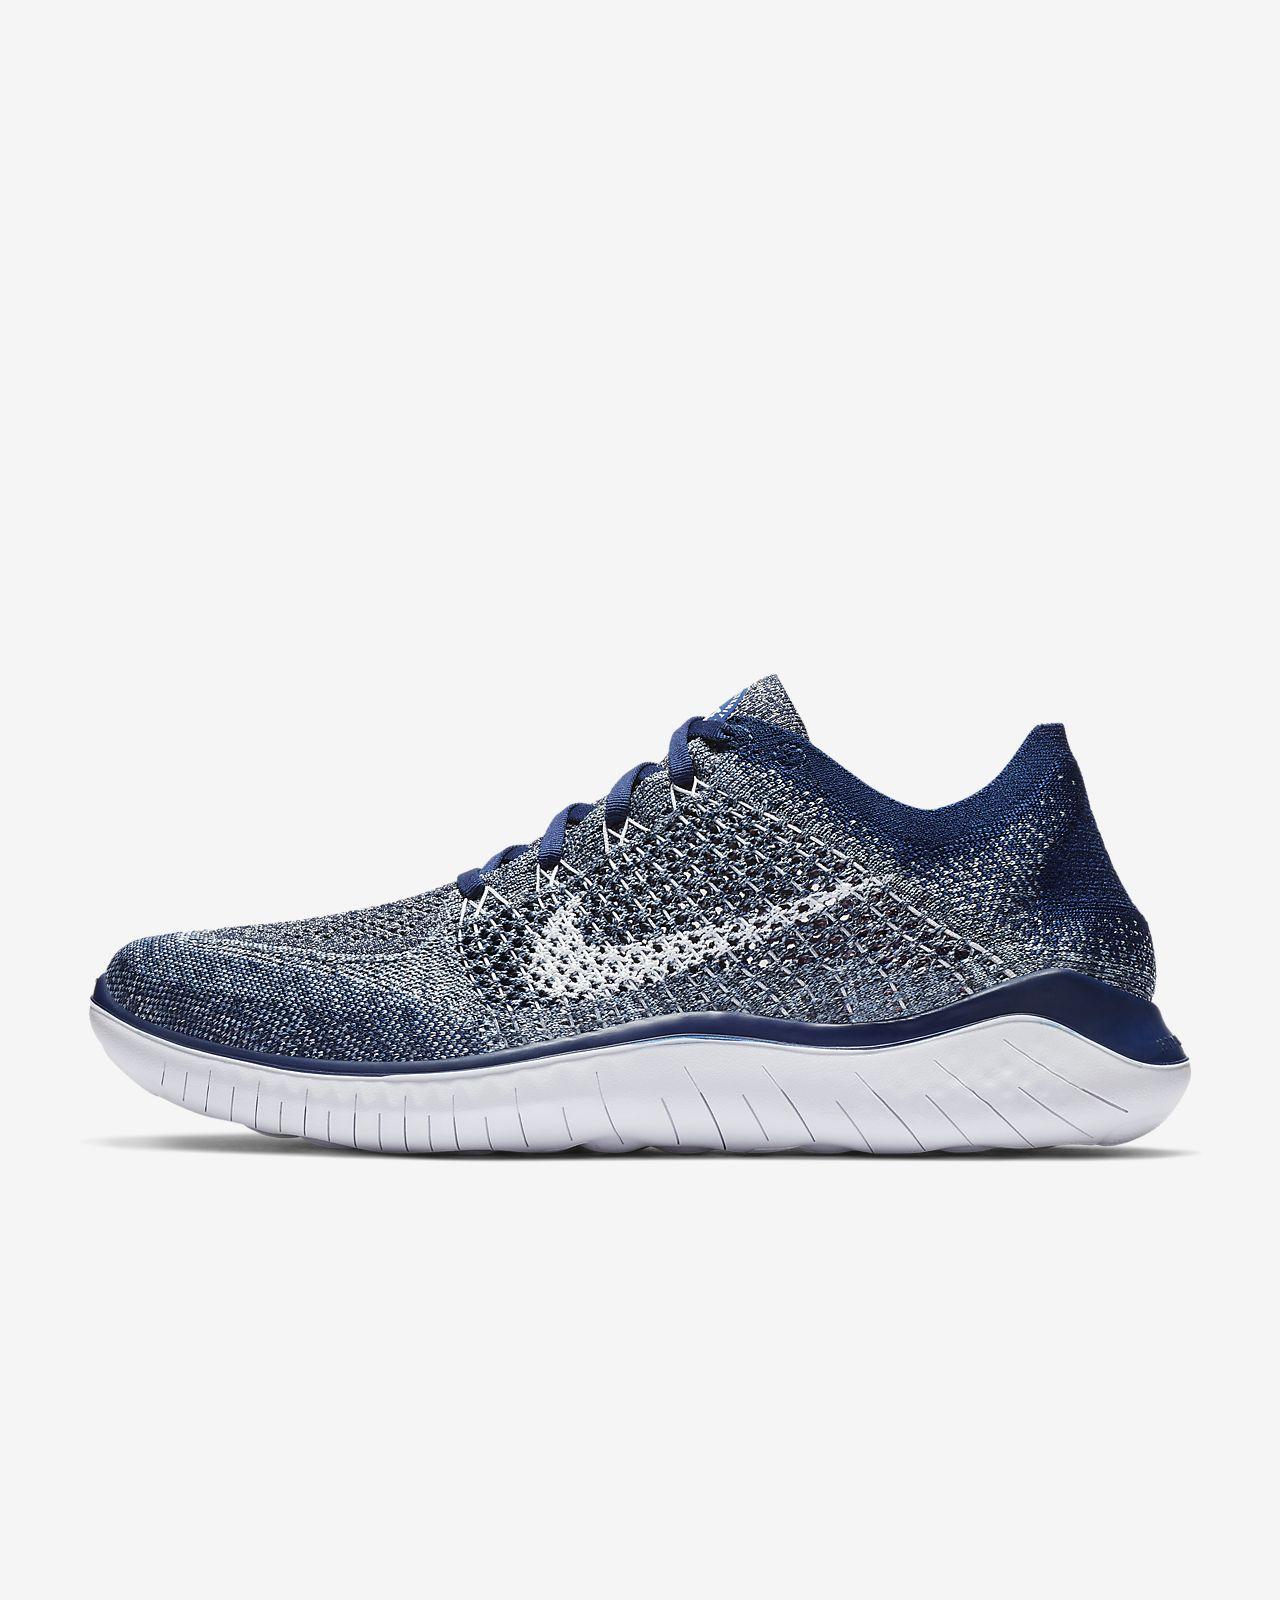 Pánská běžecká bota Nike Free RN Flyknit 2018. Nike.com CZ c558a6ed1c